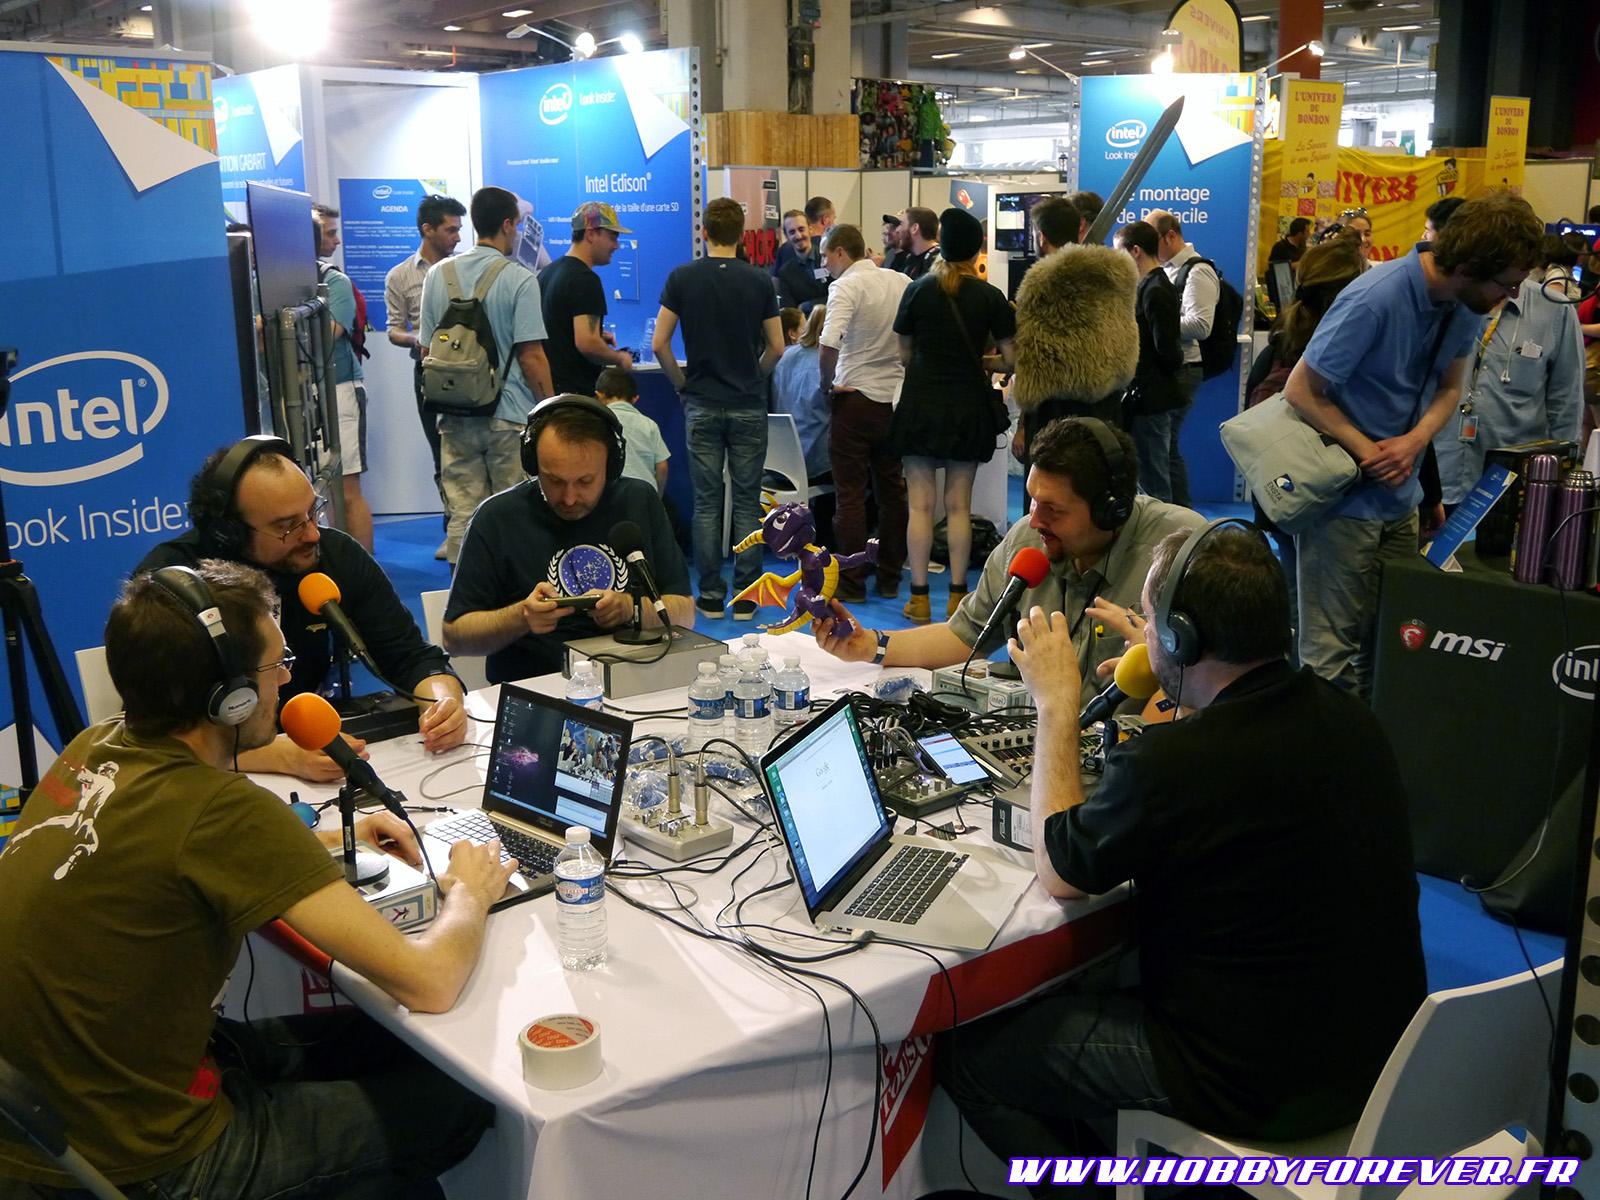 Yvan West Laurence et Dux2081 ont participé à un podcast de l'Agence Tous Geeks